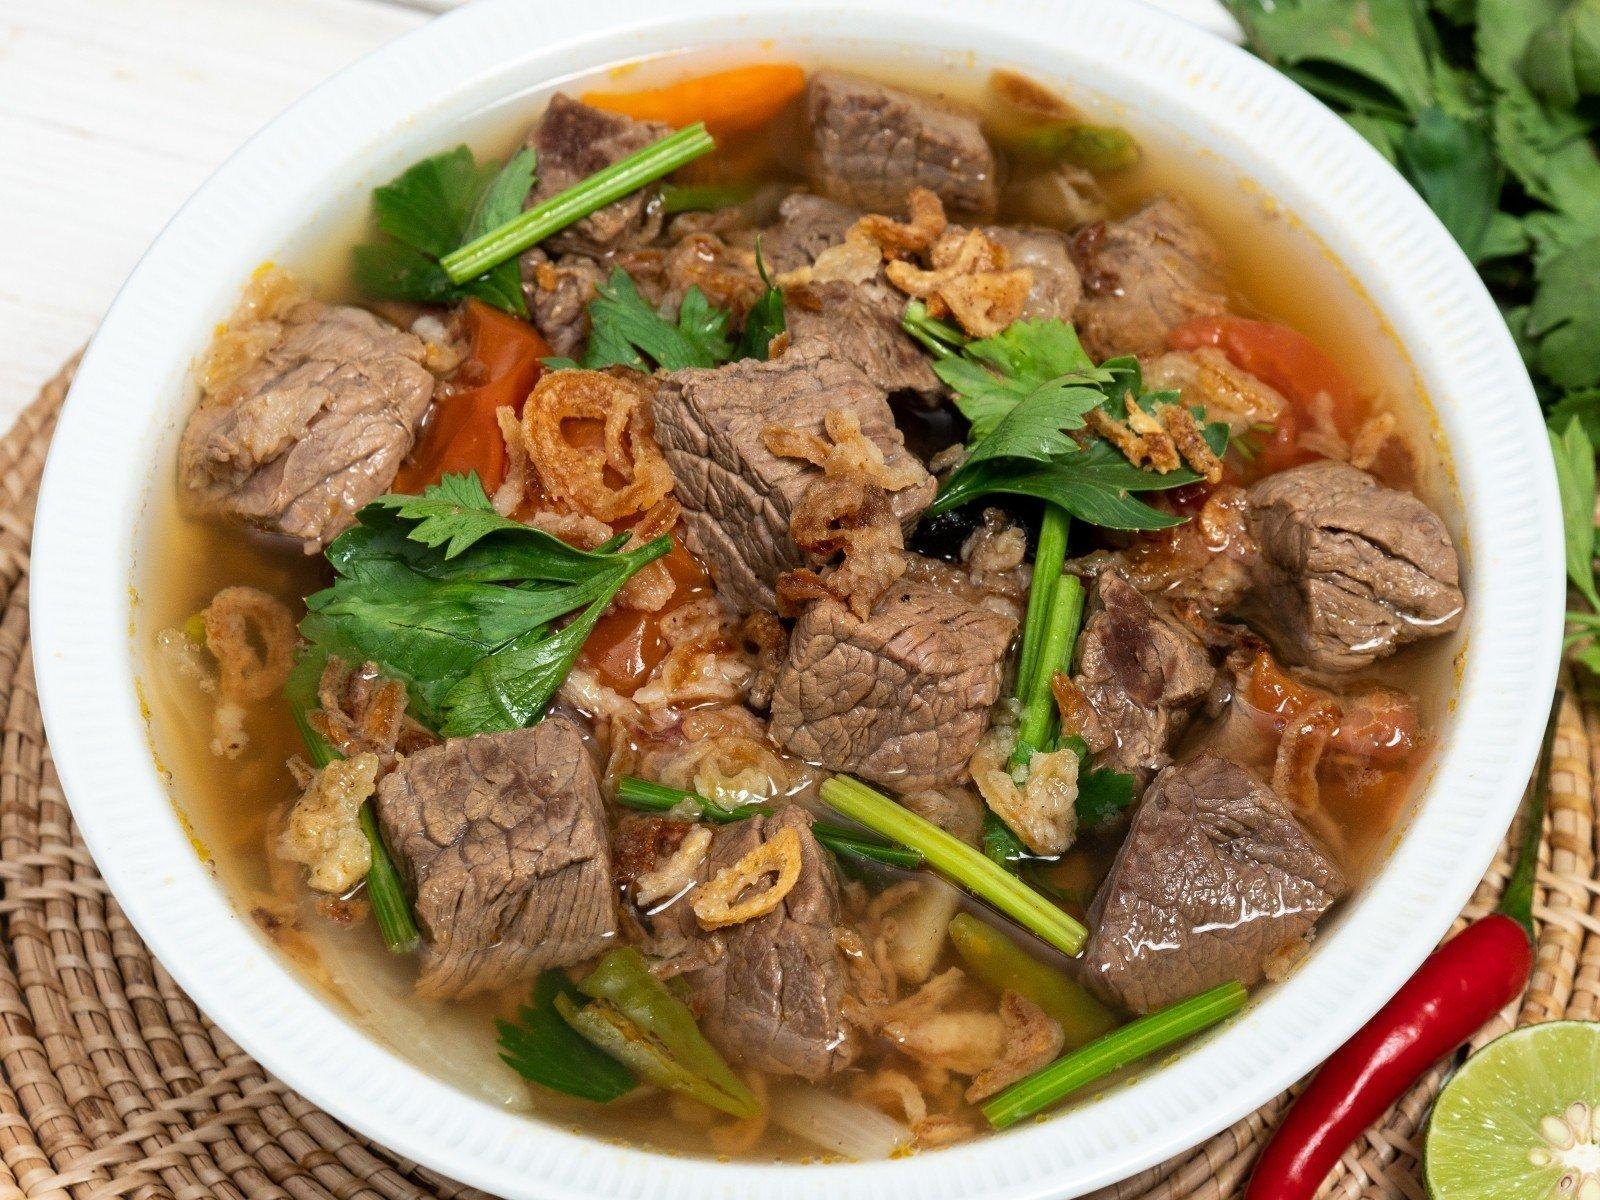 """25 สูตร """"เมนูเนื้อวัว"""" เนื้อนุ่มละลายในปาก ทำได้มากกว่าที่คุณคิด! - Wongnai Cooking"""